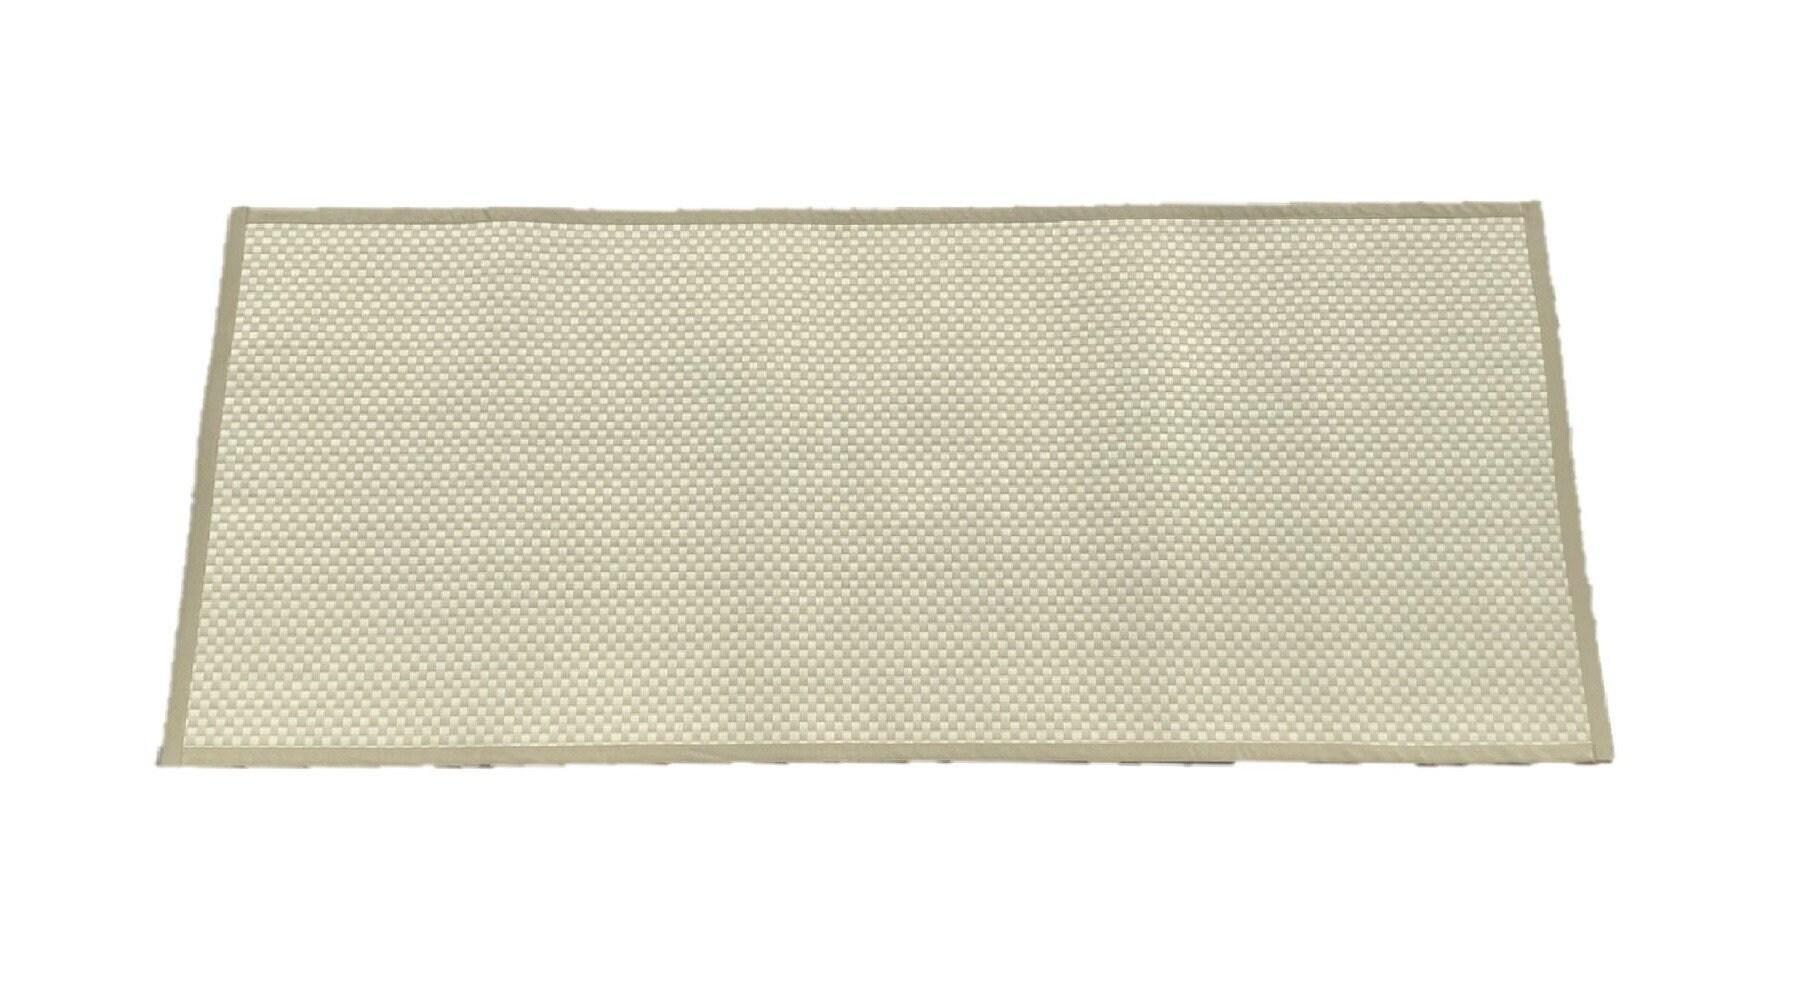 オリジナル畳ヨガマット作成/セキスイ美草/目積表市松表を使用/サイズも選べる/カラーも選べる/のイメージその1